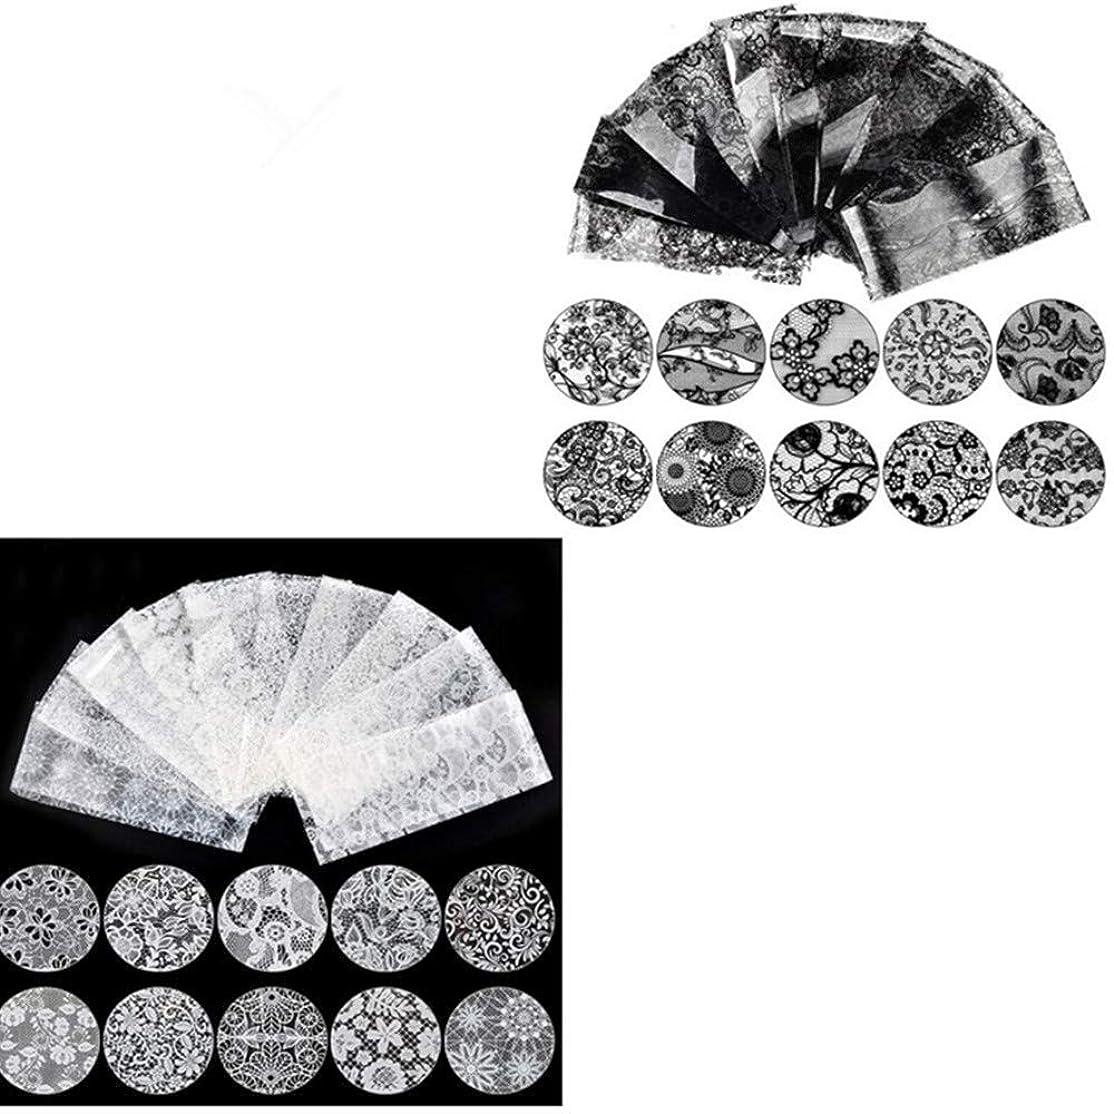 割り当てます独立してアクチュエータネイルホイル ネイルステッカー ネイル転印シール ネイルツール ネイルステッカー ネイルデコ ネイルアート ホワイトレース(10枚)+ブラックレース (10枚) 20枚/セット